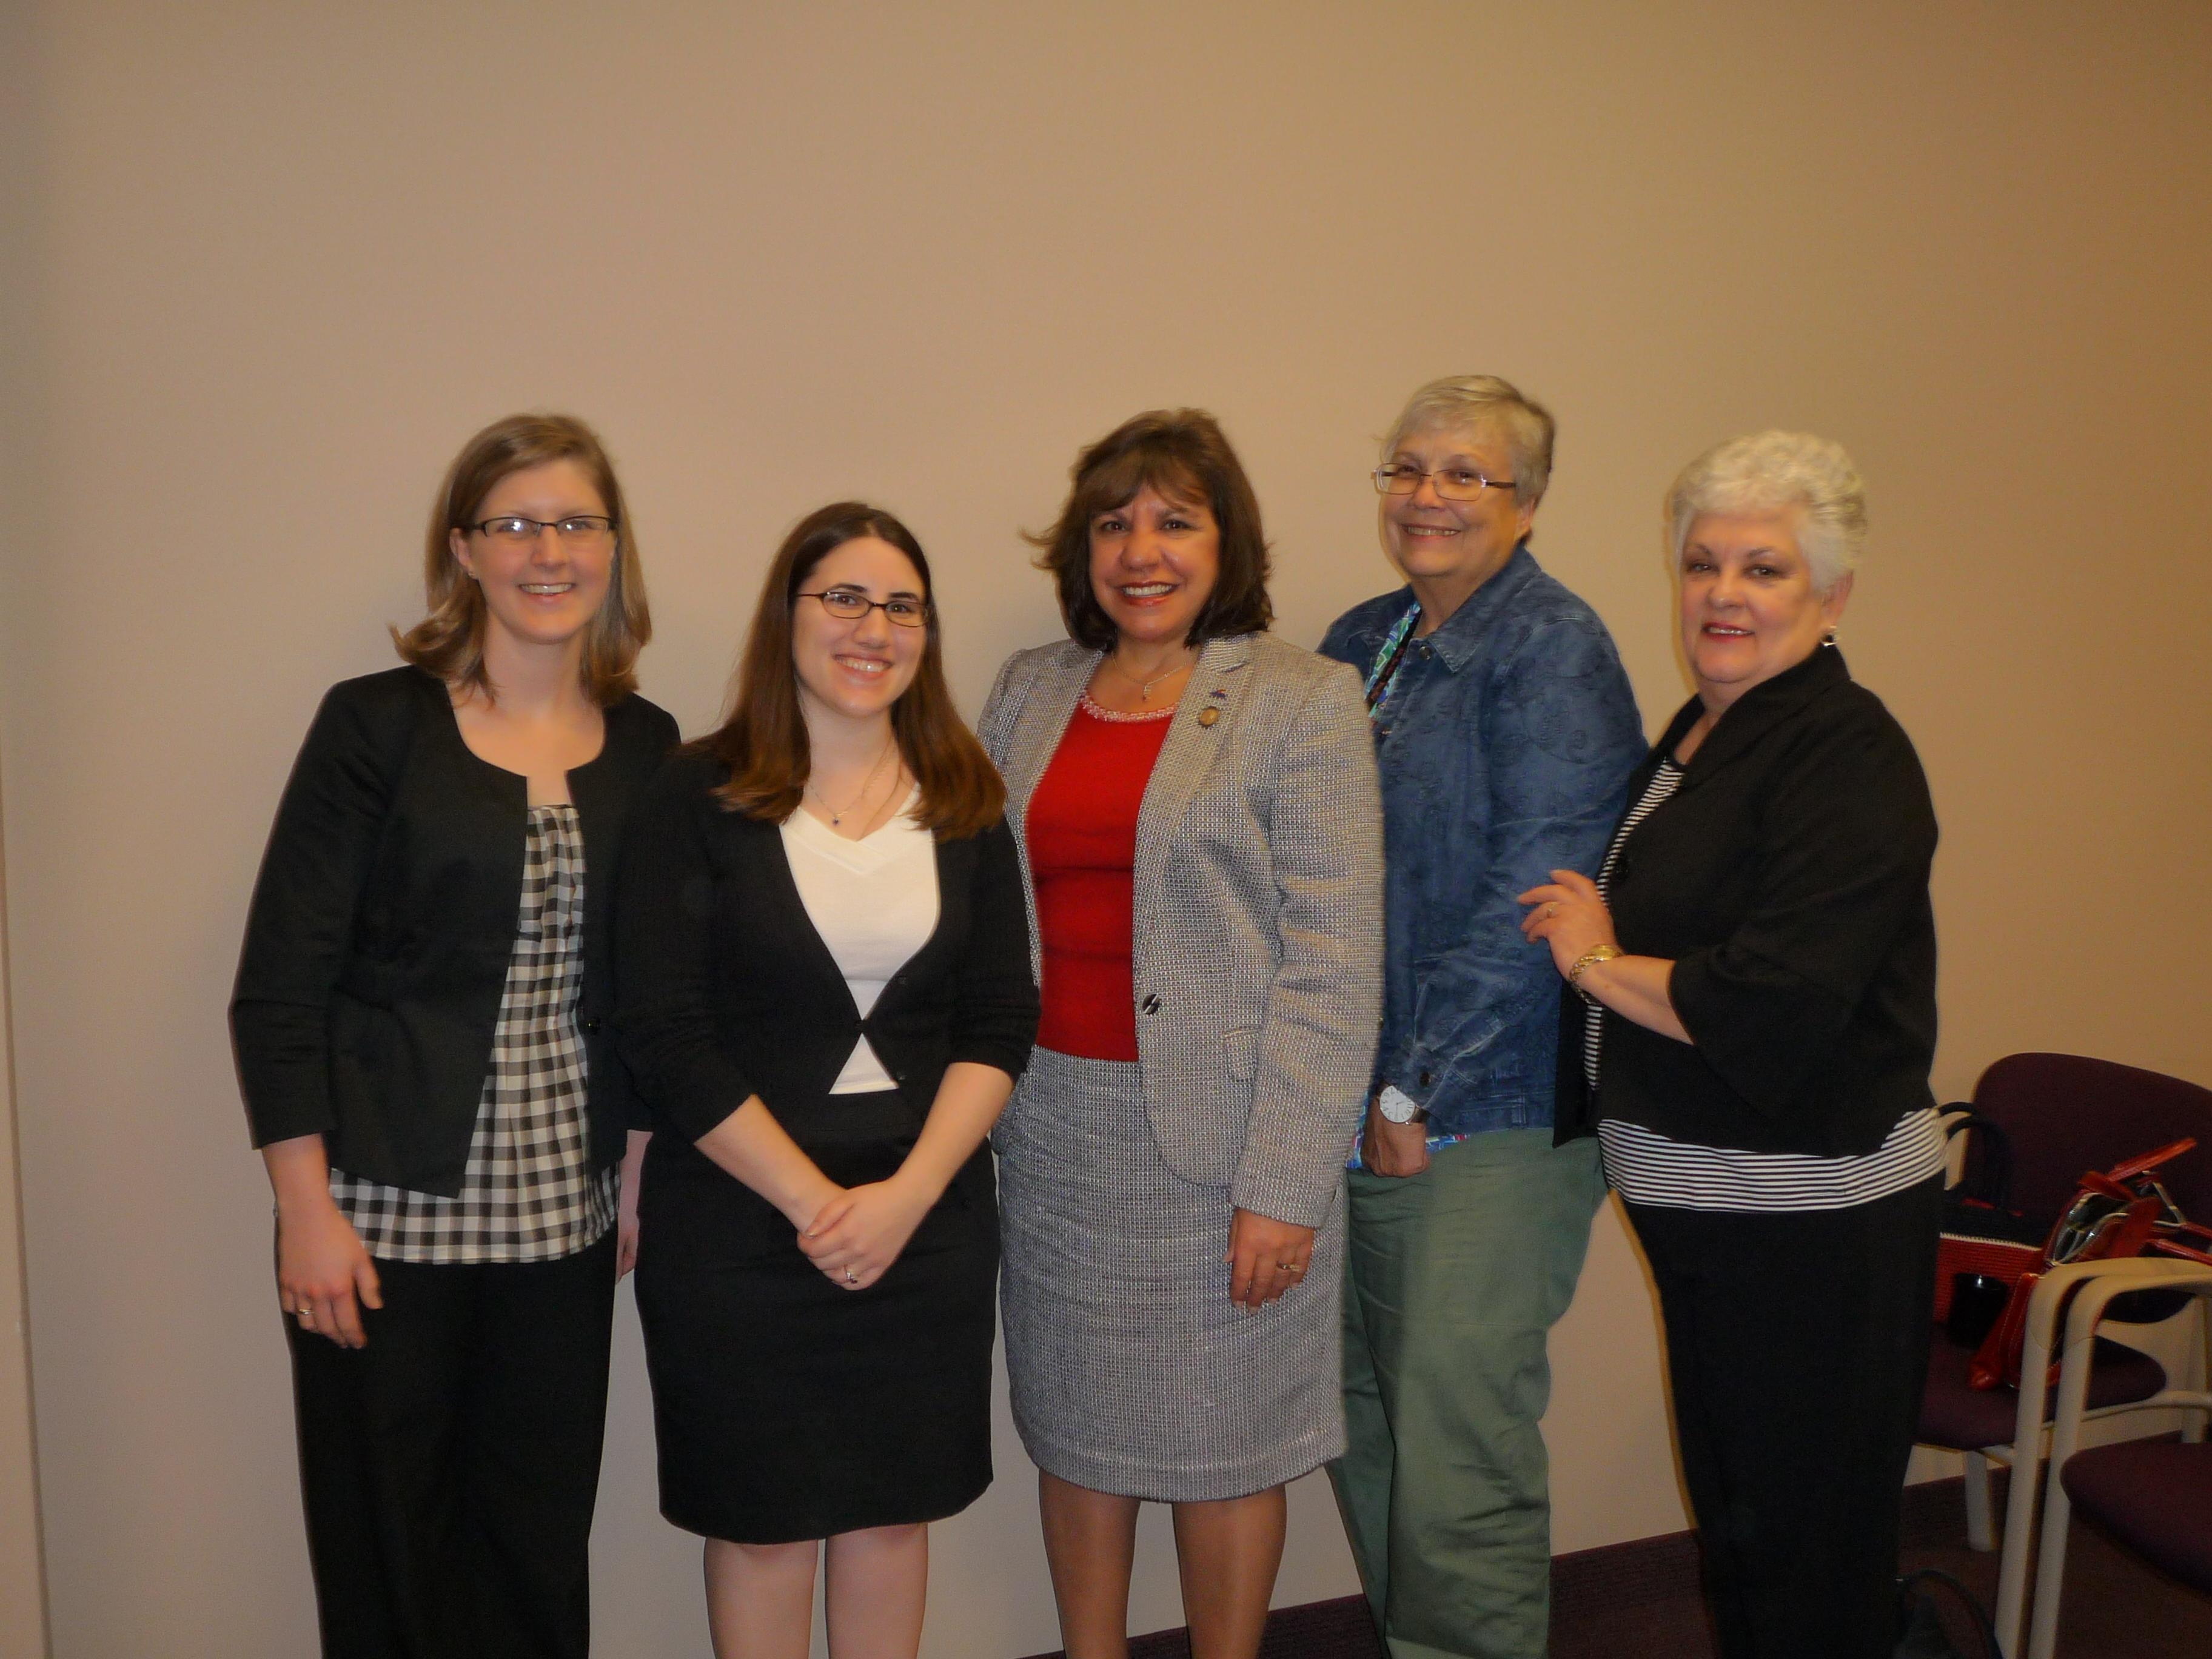 Cassie Nespor, Maria Dastolfo, and members of the Ohio Nurses Association- District 3